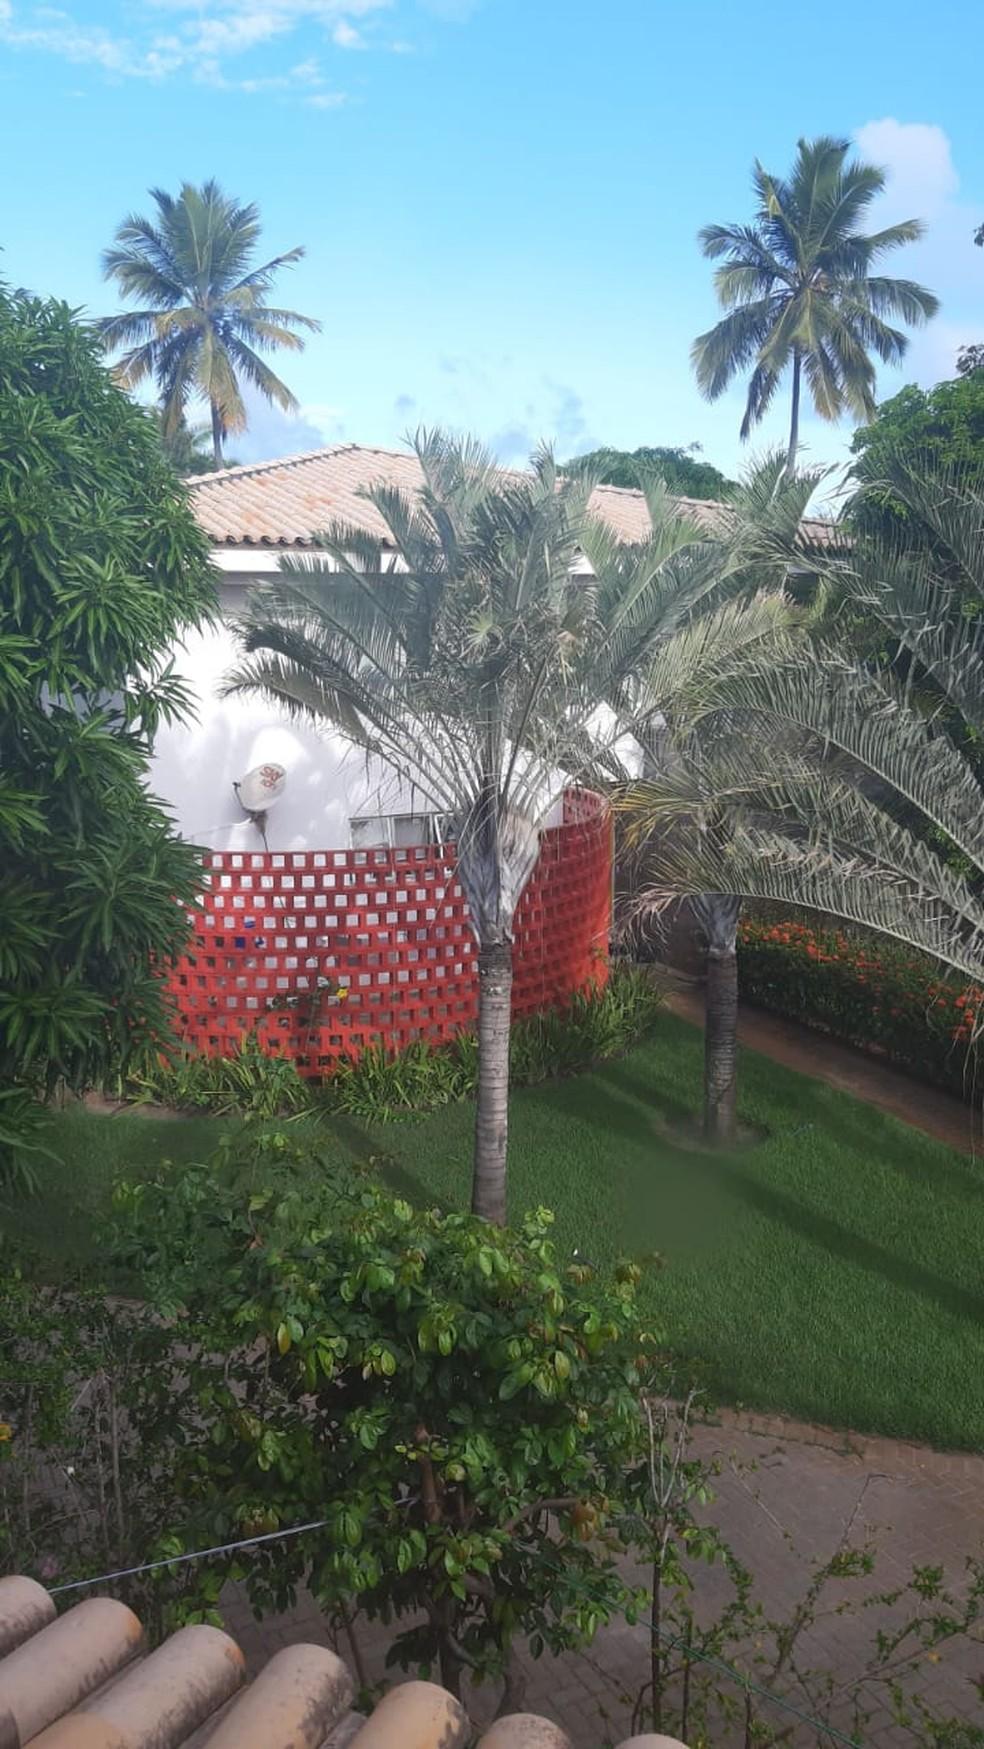 Casa em condomínio de luxo na Costa do Sauipe alugada por Adriano em dezembro de 2019 — Foto: Reprodução